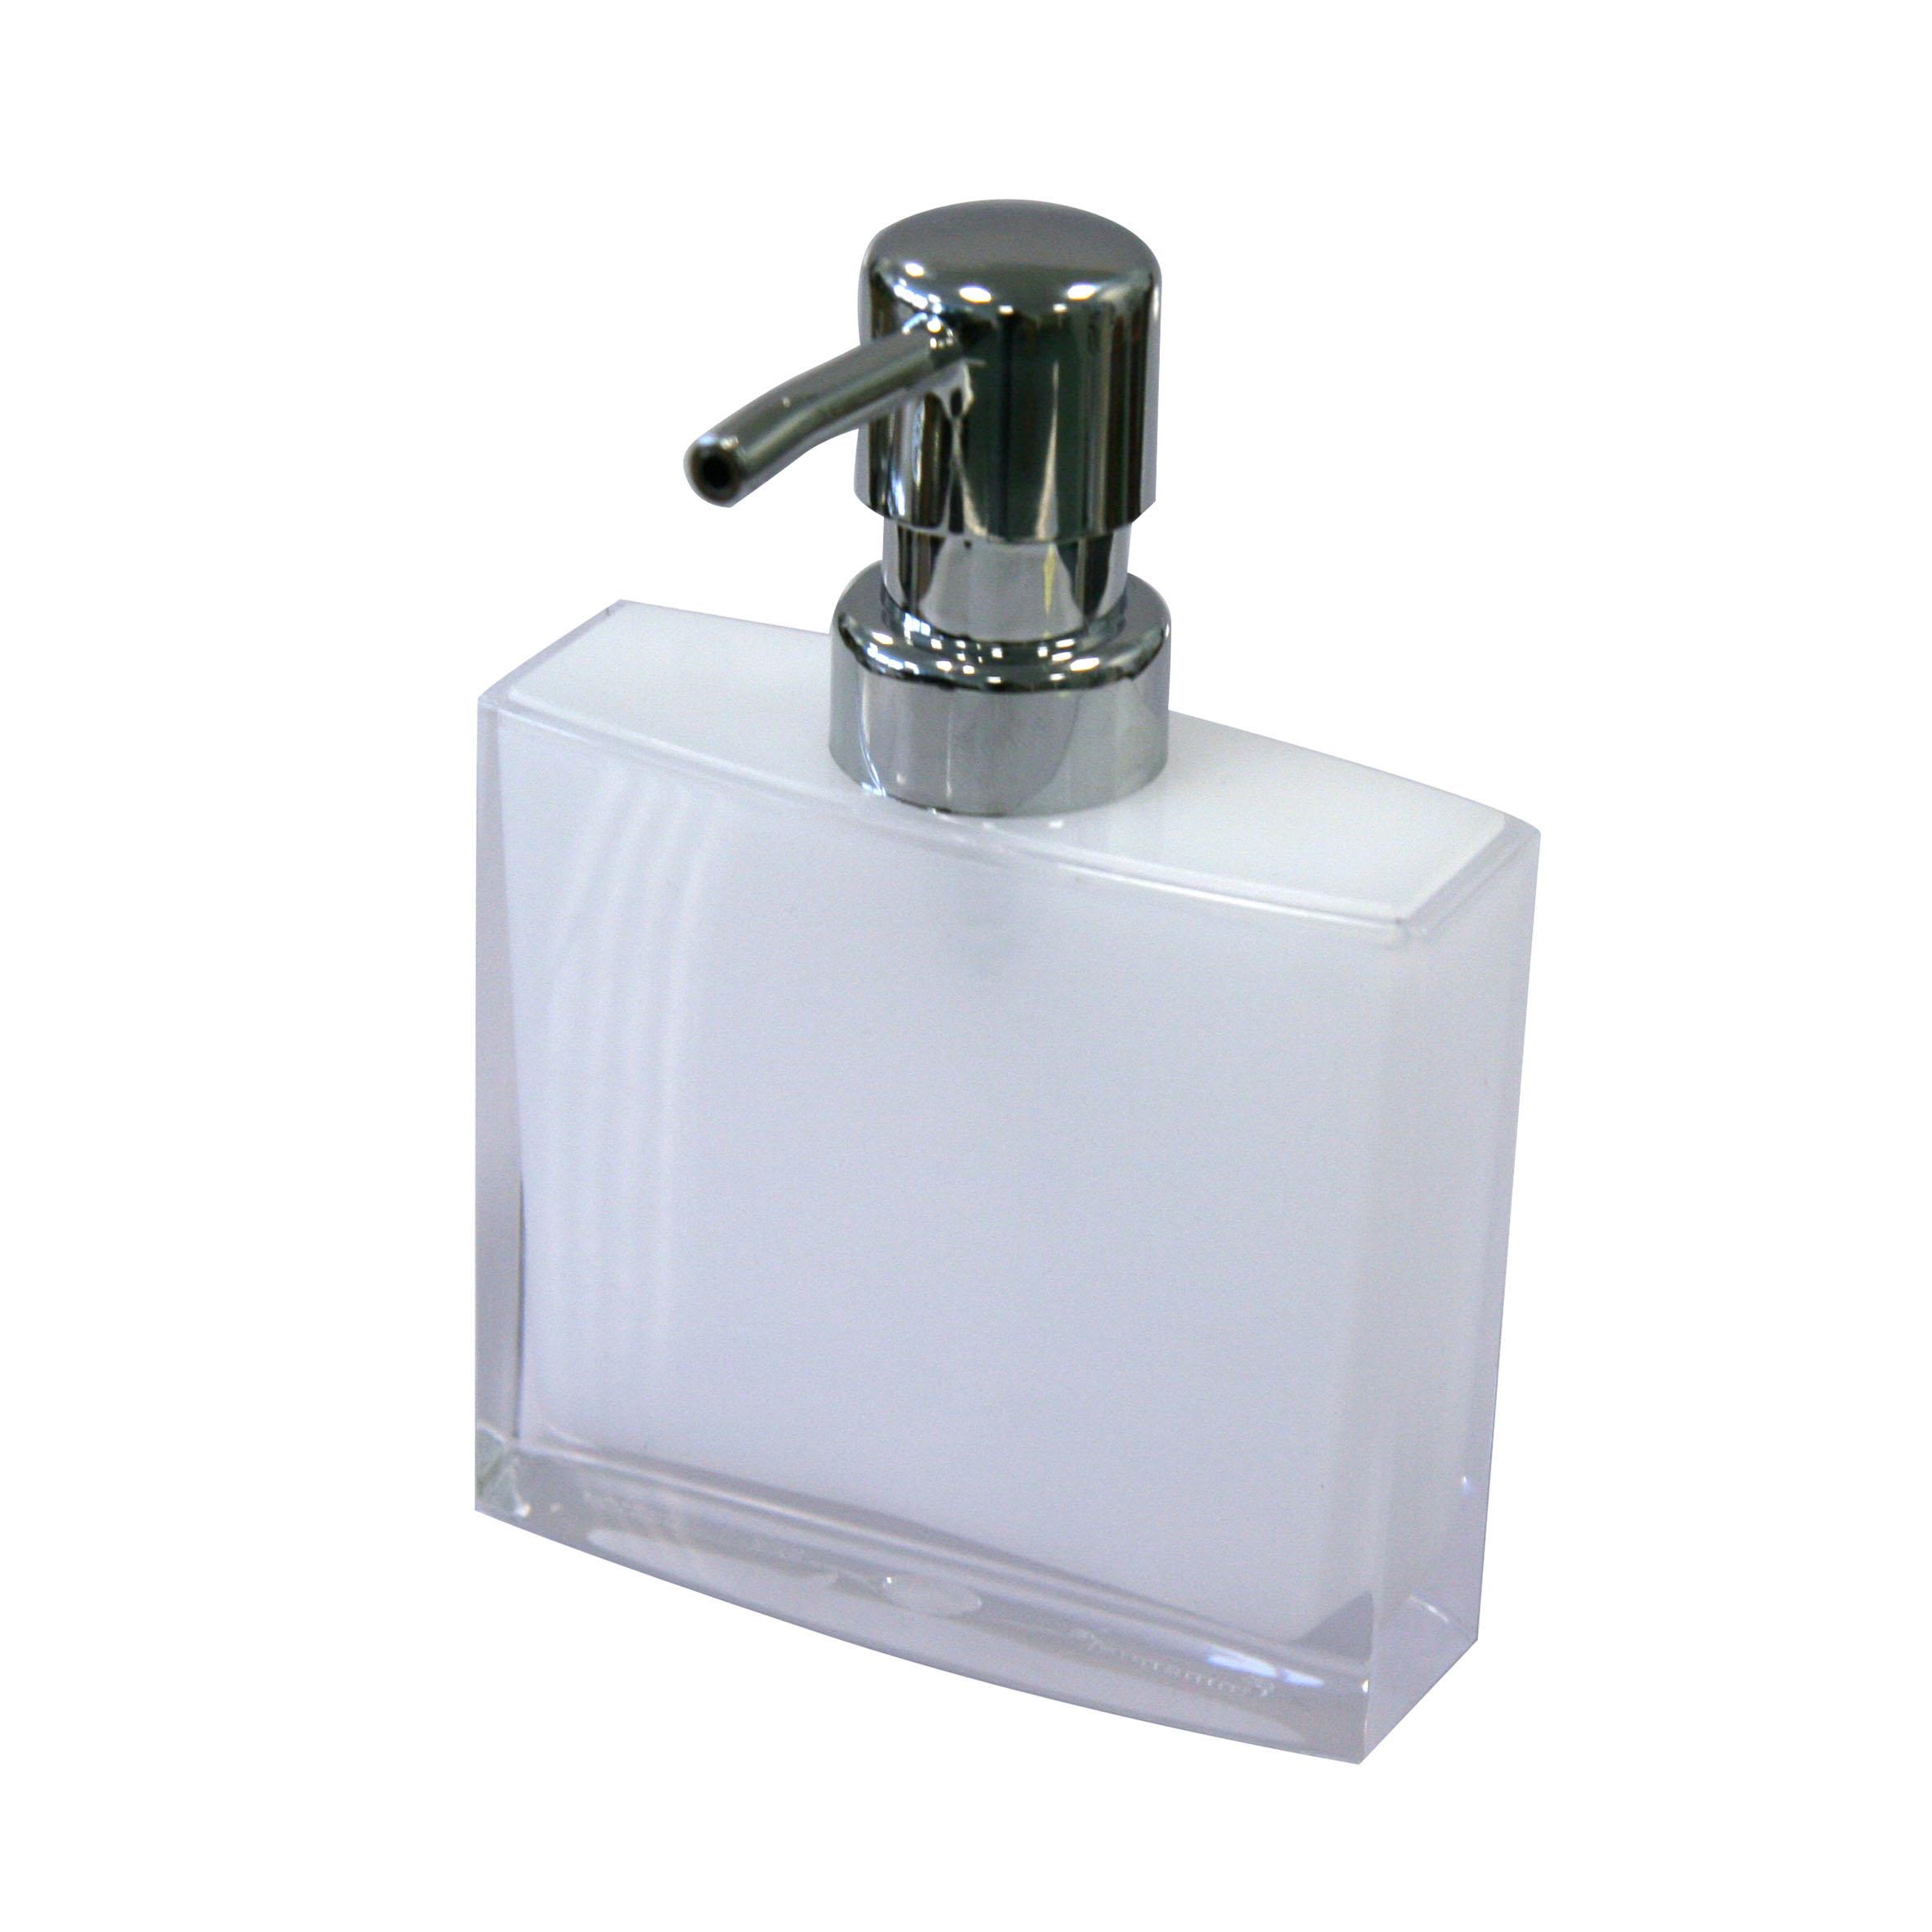 Дозатор для жидкого мыла Axentia Priamos68/5/3Дозатор для жидкого мыла Axentia Priamos изготовлен из высококачественного акрила. Акрил - это долговечный, прочный и легкий в уходе материал. Изделие прекрасно дополнит интерьер вашей ванной комнаты или кухни.Высота дозатора: 15 см.